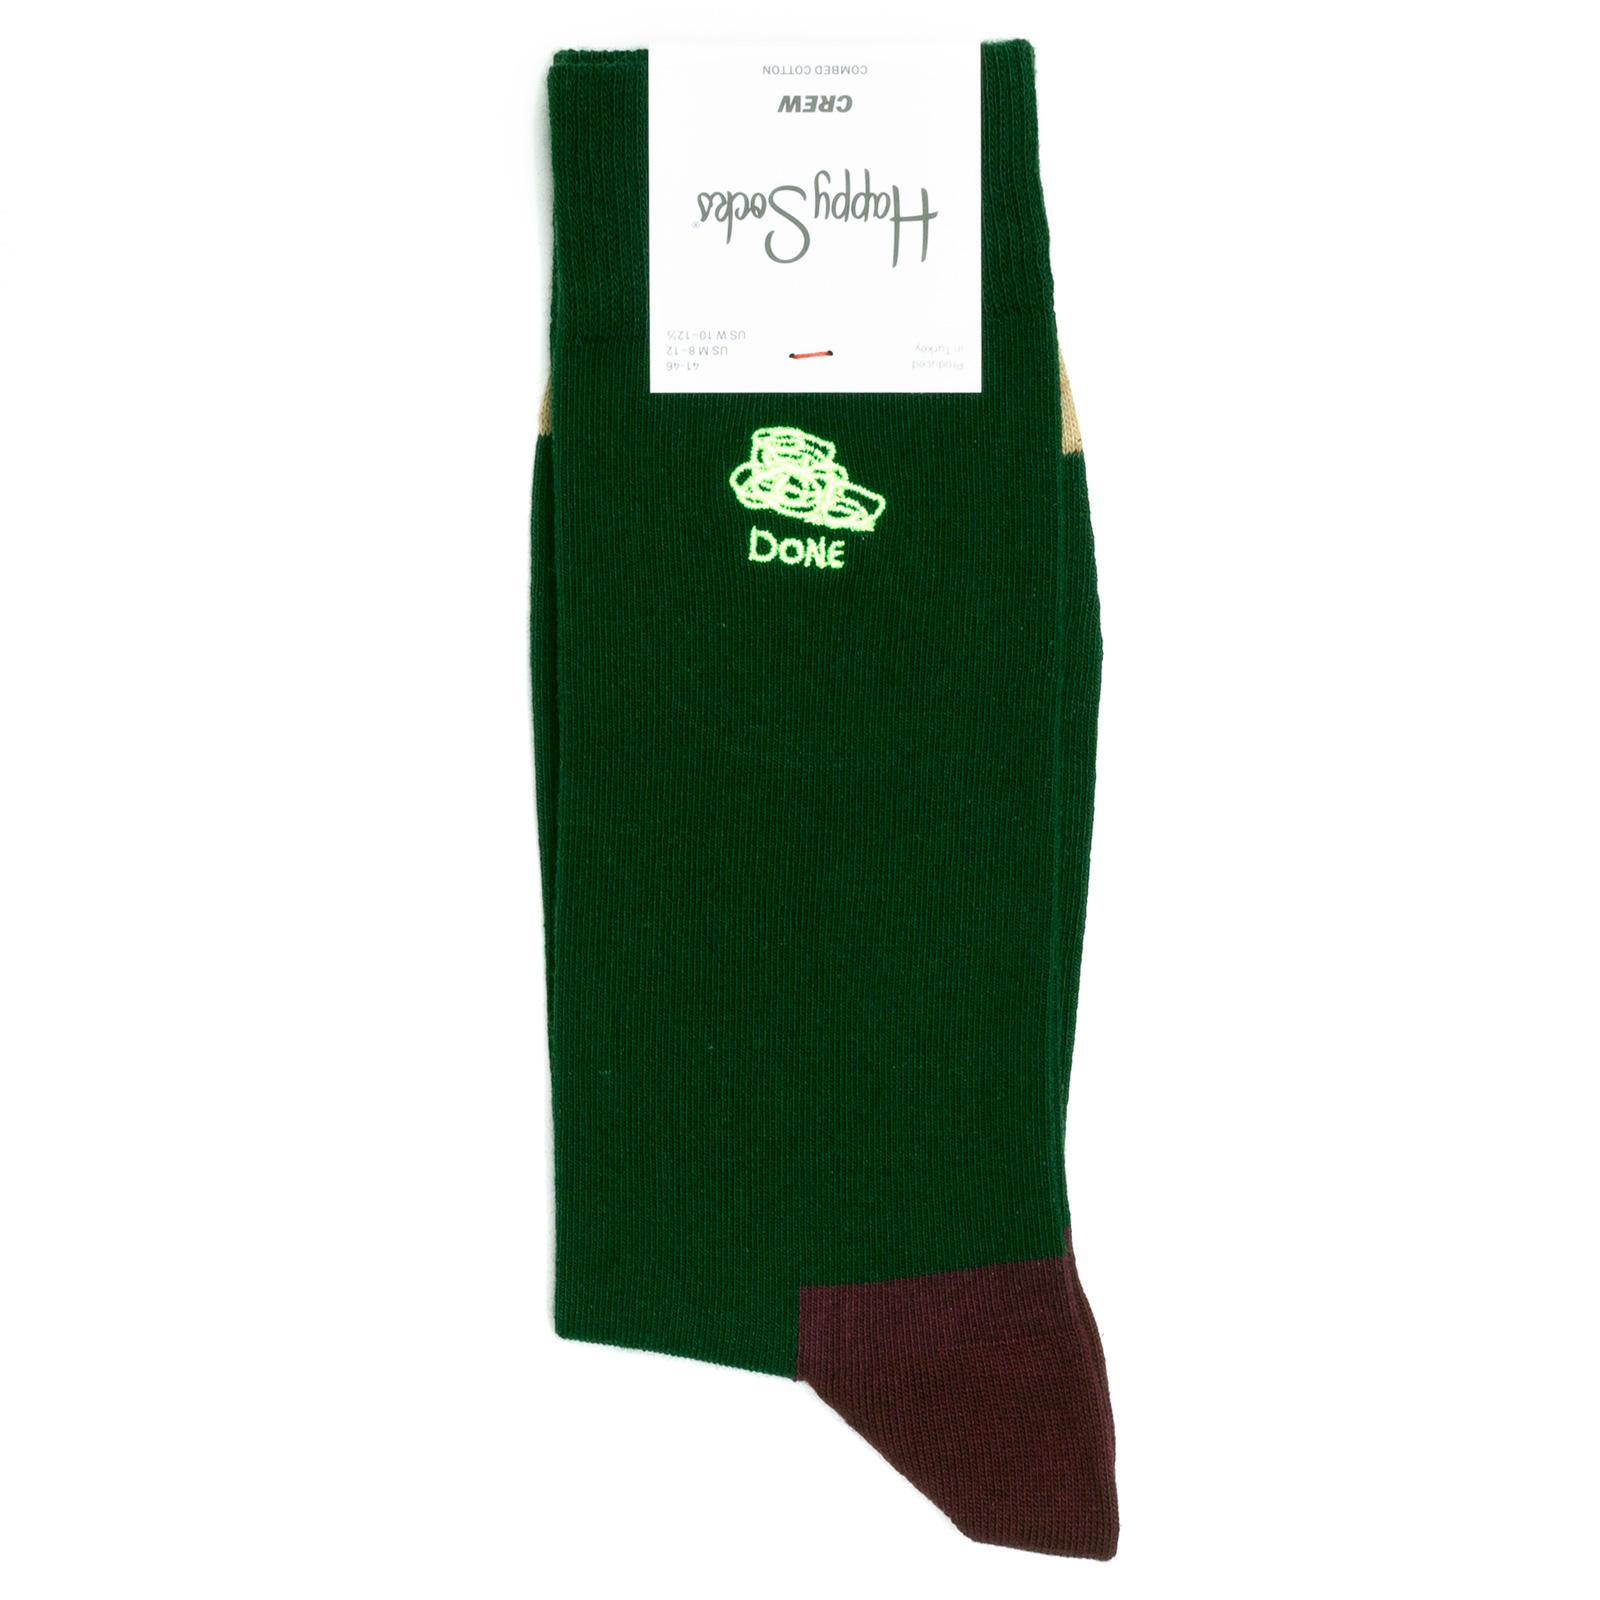 Носки унисекс Happy Socks Done разноцветные 41-46